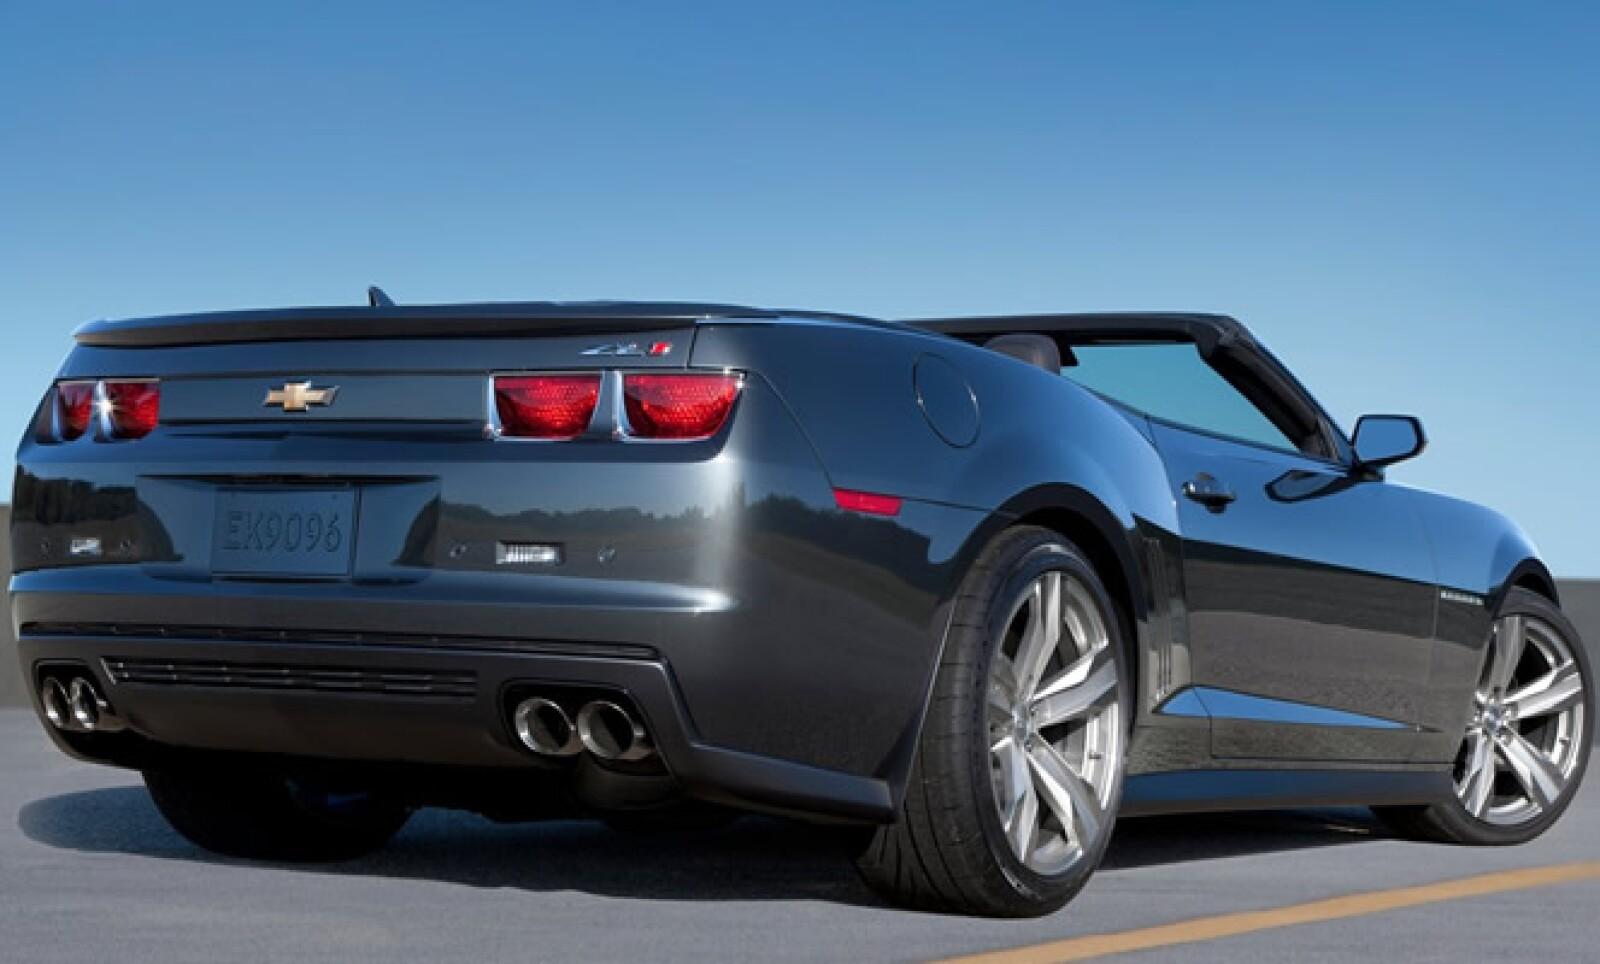 Para aminorar la vibración, en la estructura de esta nueva generación se reforzaron puntos clave de la carrocería.